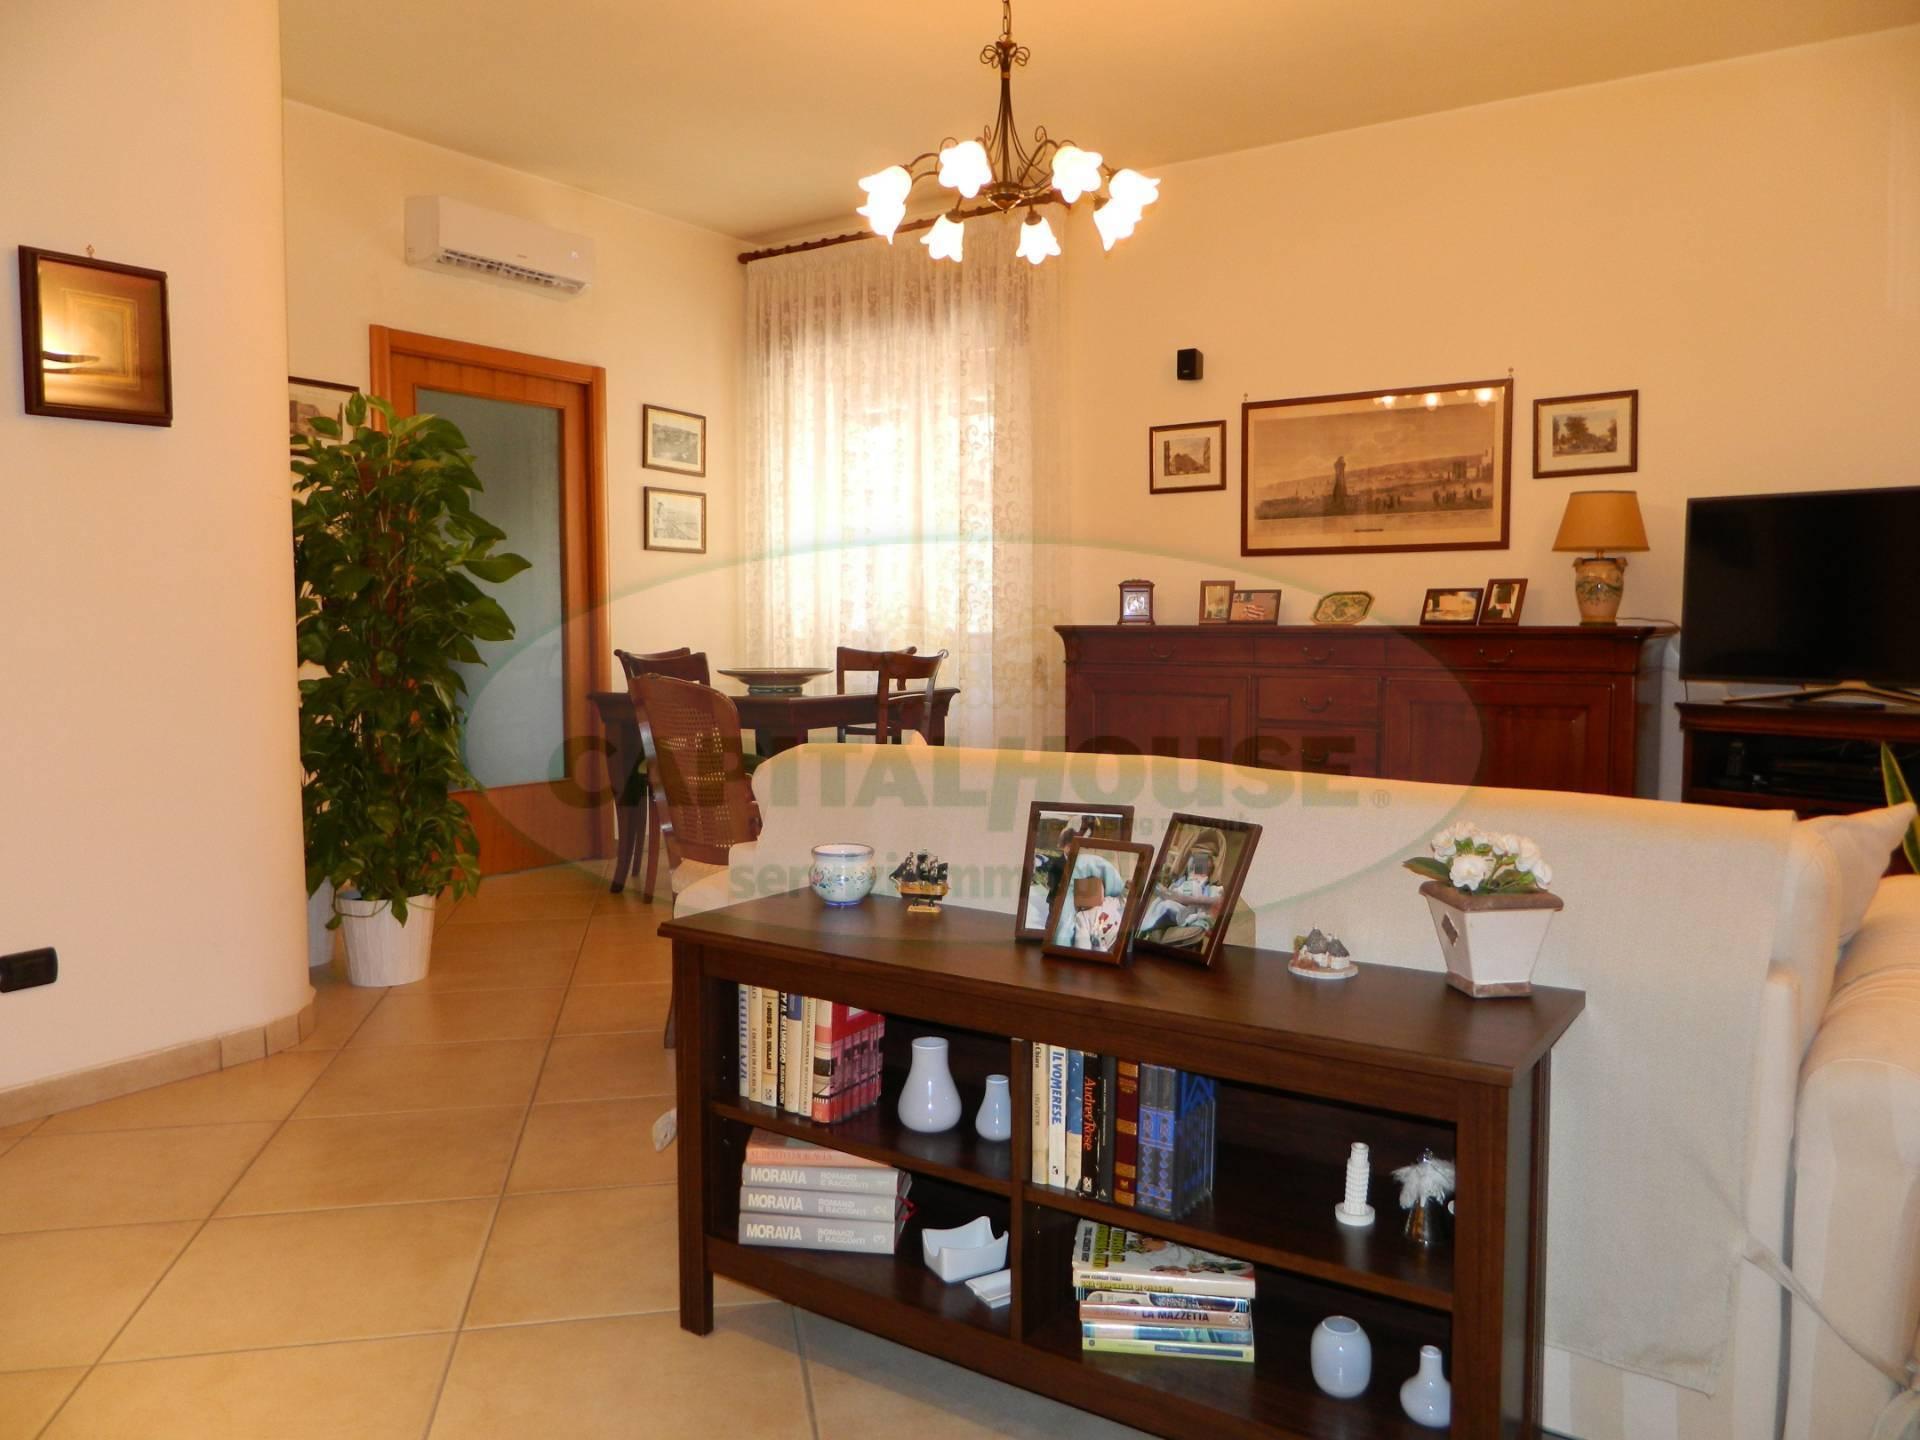 Appartamento in vendita a Afragola, 3 locali, zona Località: ZonaAmendola, prezzo € 200.000 | CambioCasa.it